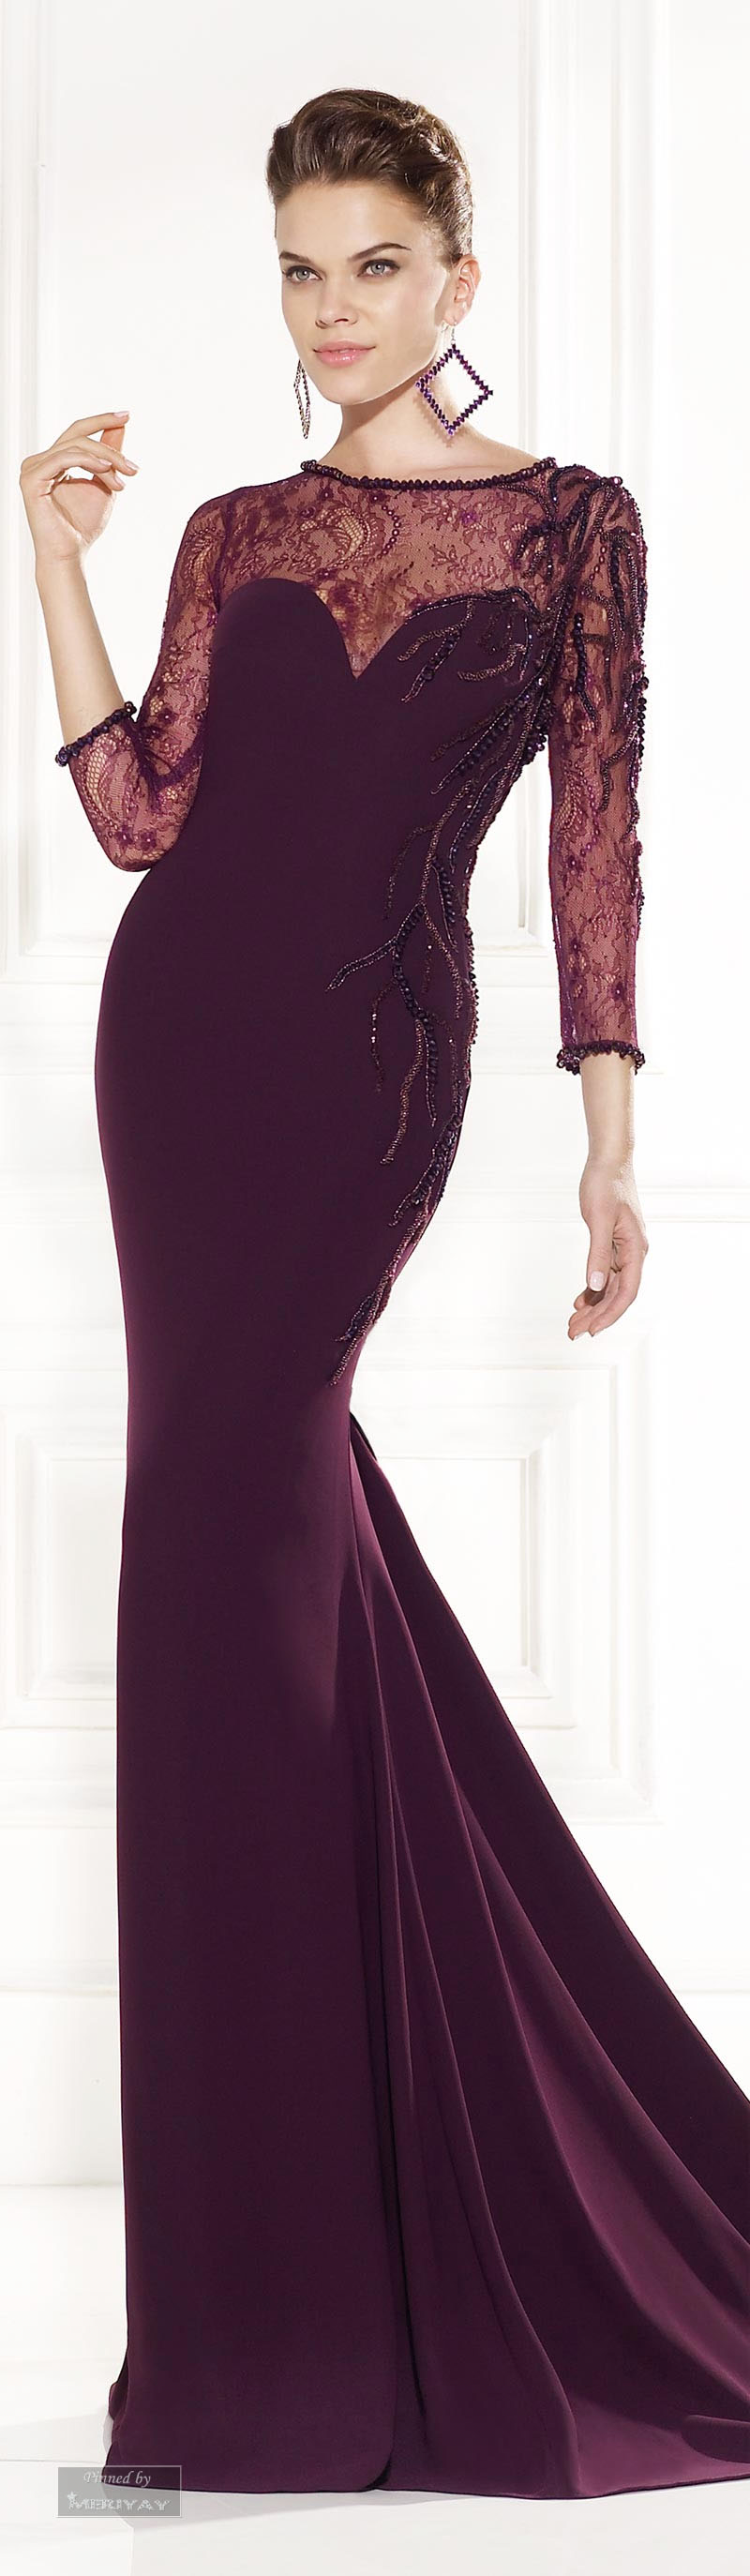 Tarik Ediz Evening Dress 2015 ● ♔LadyLuxury♔